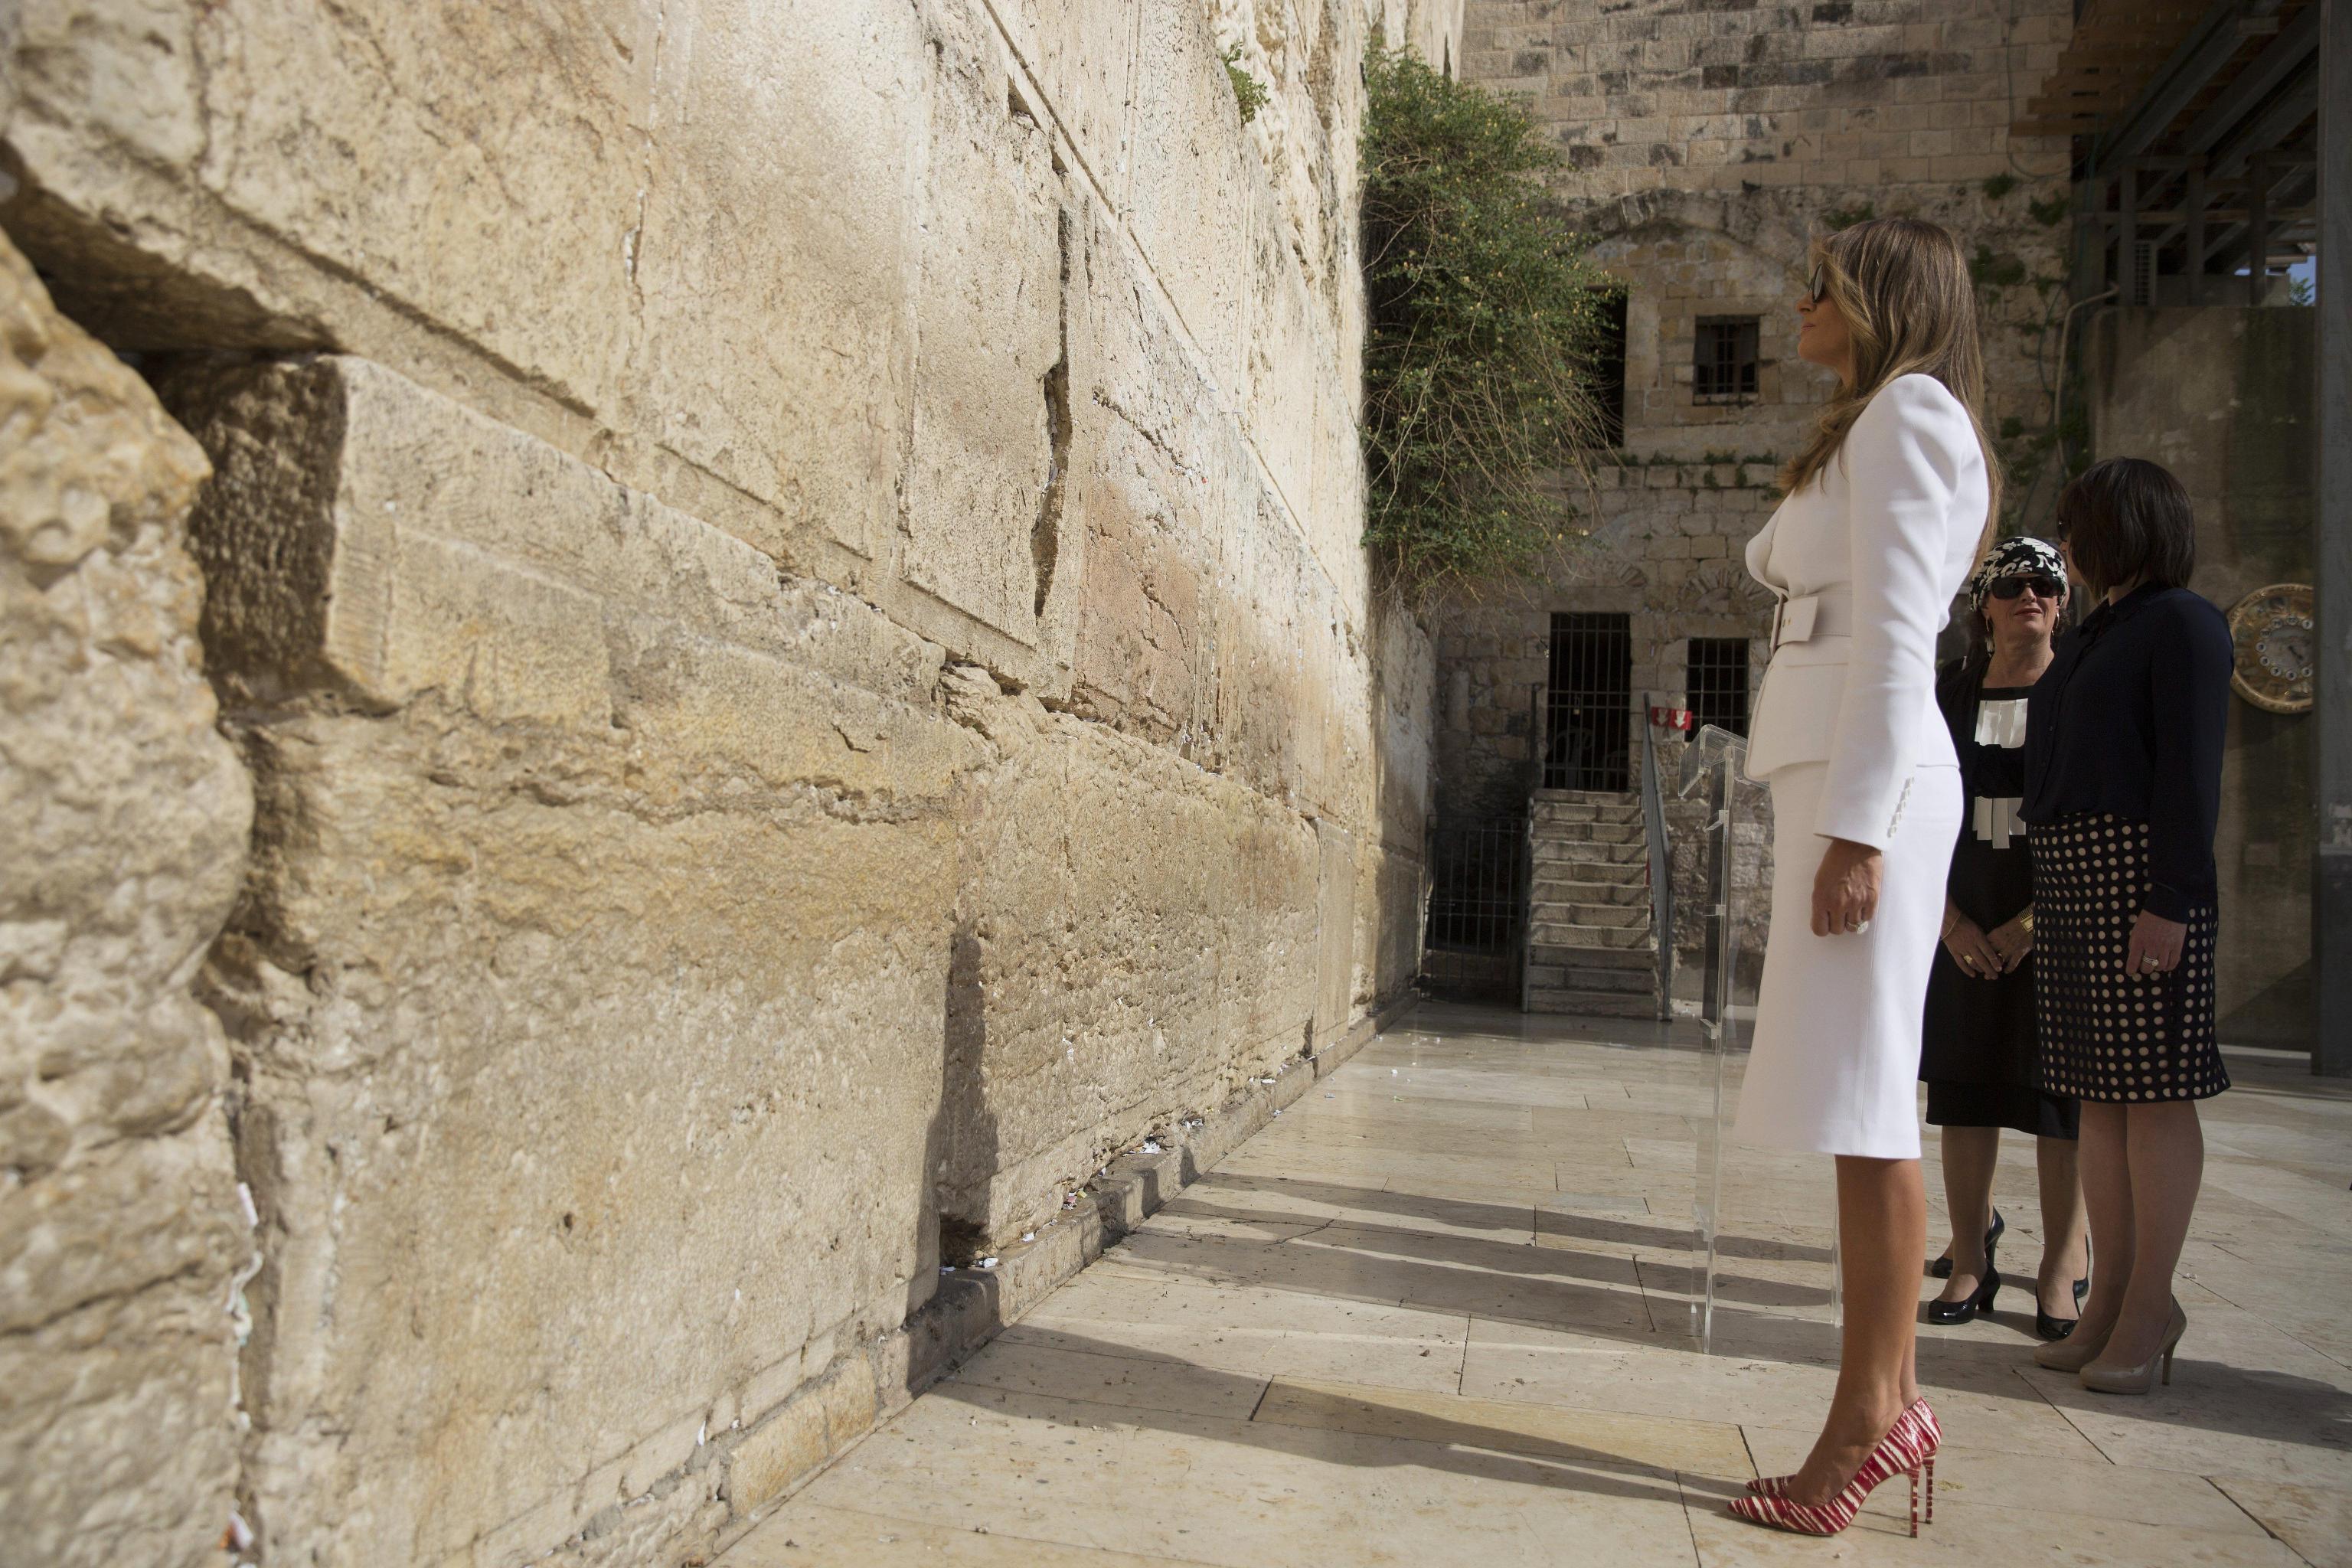 US President Trump in Israel